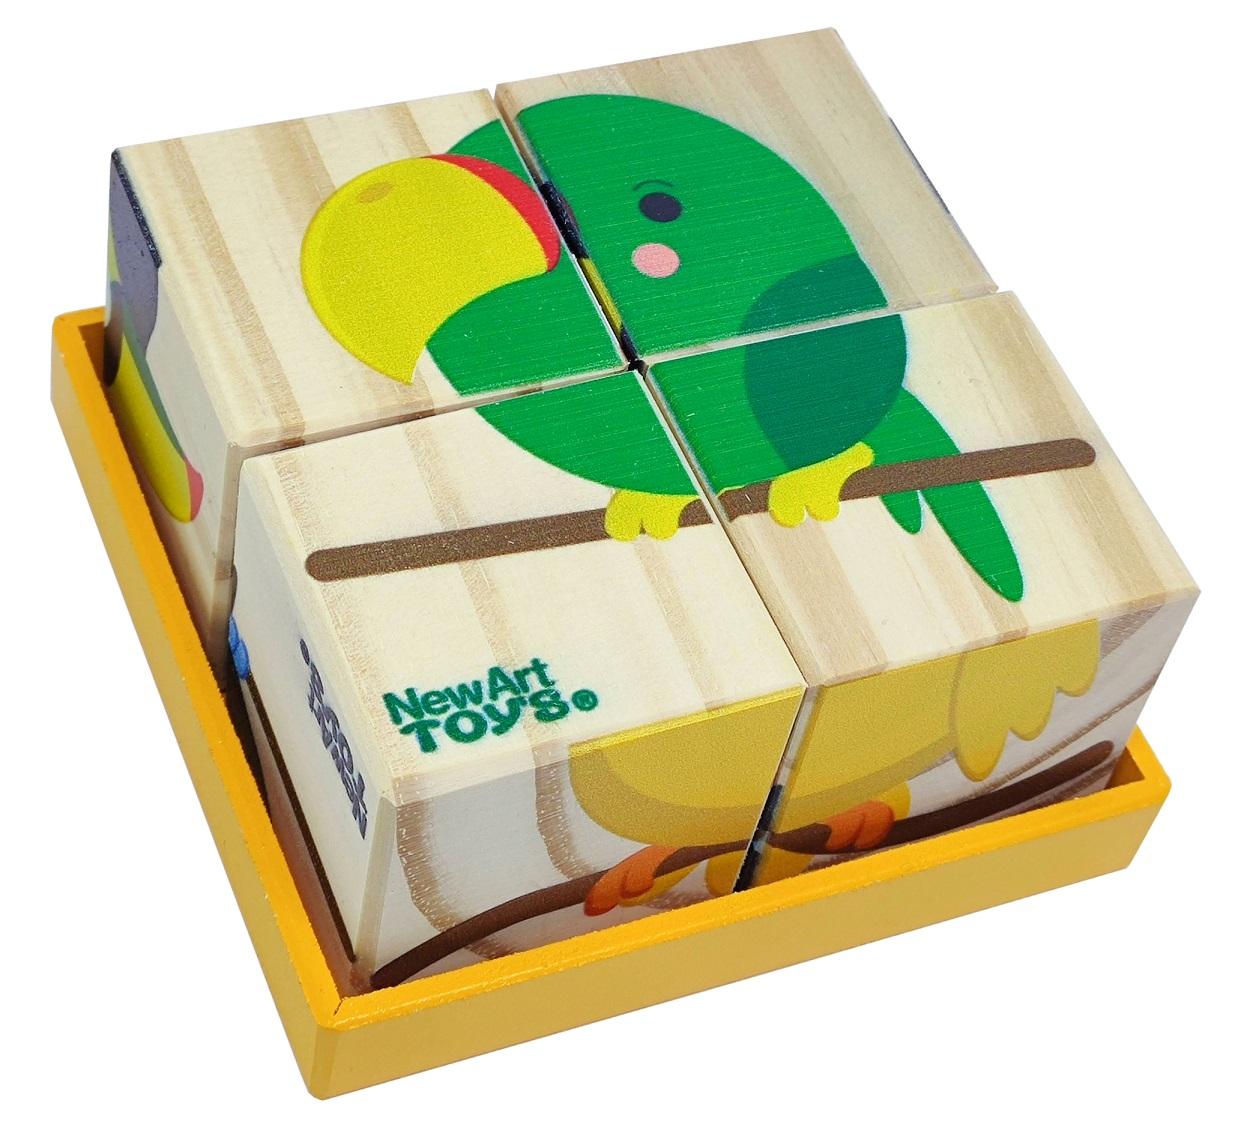 Quebra-Cabeça de Madeira - Cubos Aves, da NewArt - Cód. 192